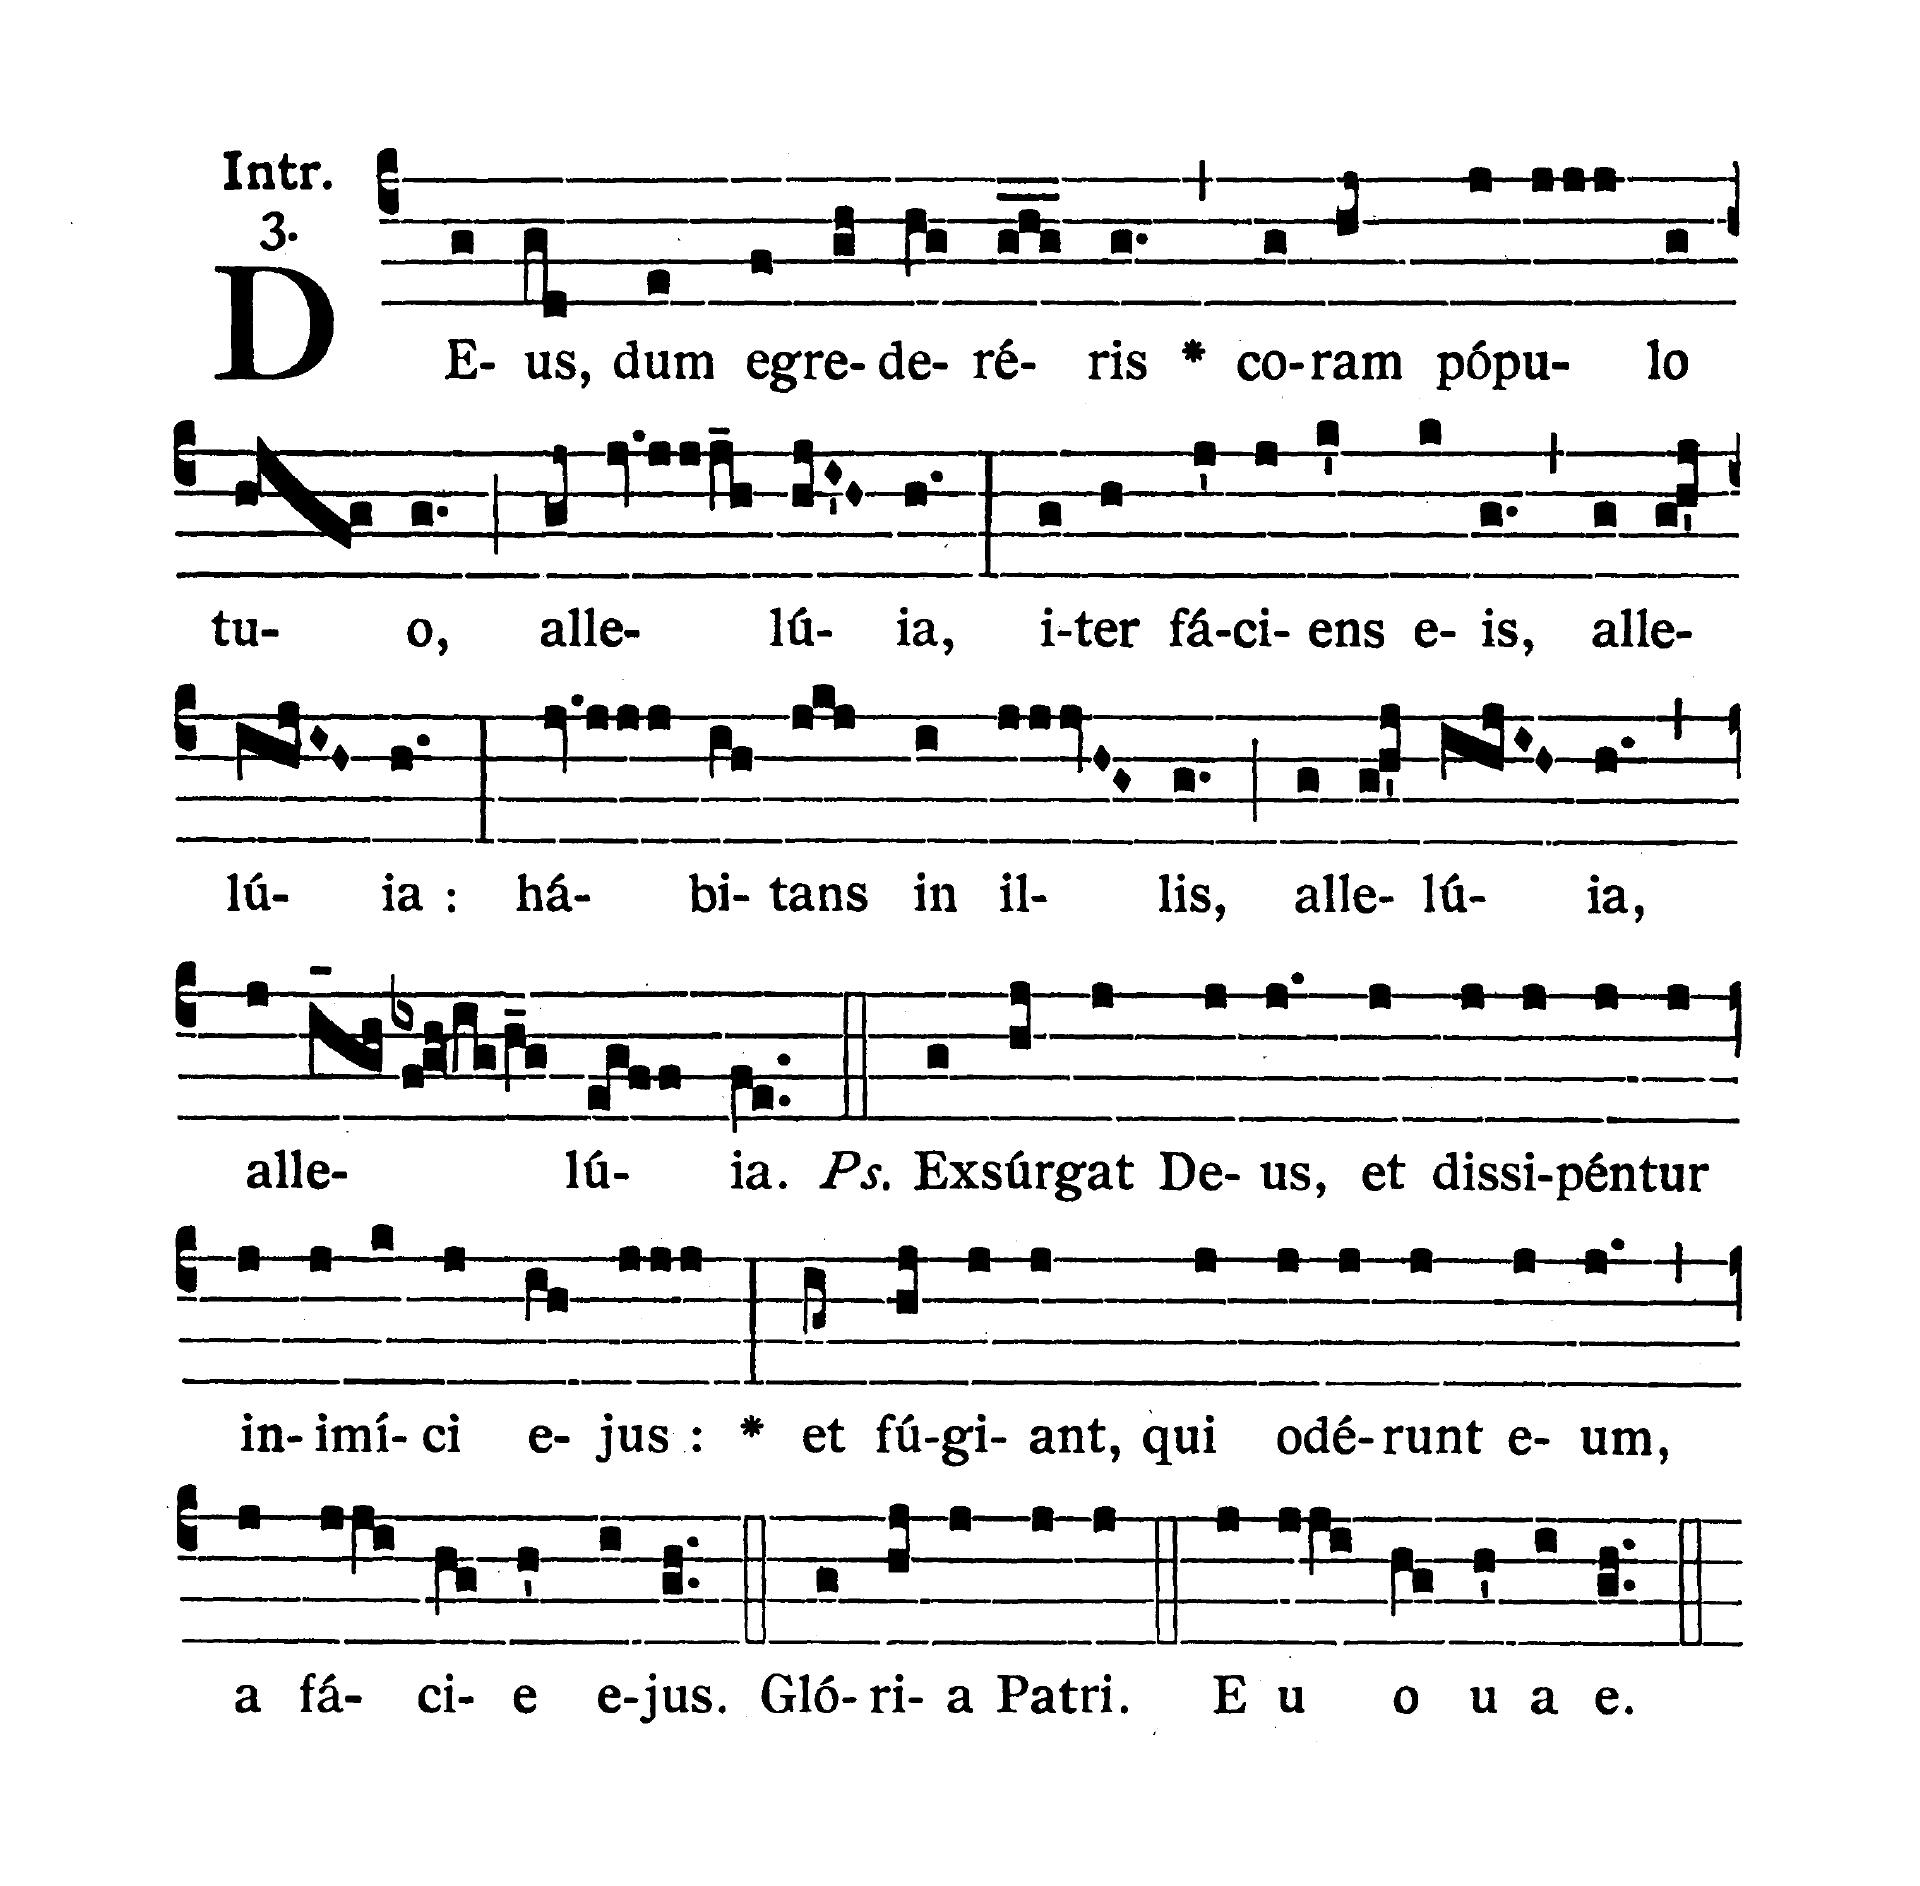 Feria quarta infra Octavam Pentecostes (Środa w oktawie Zesłania Ducha Świętego) - Introitus (Deus dum egredereris)